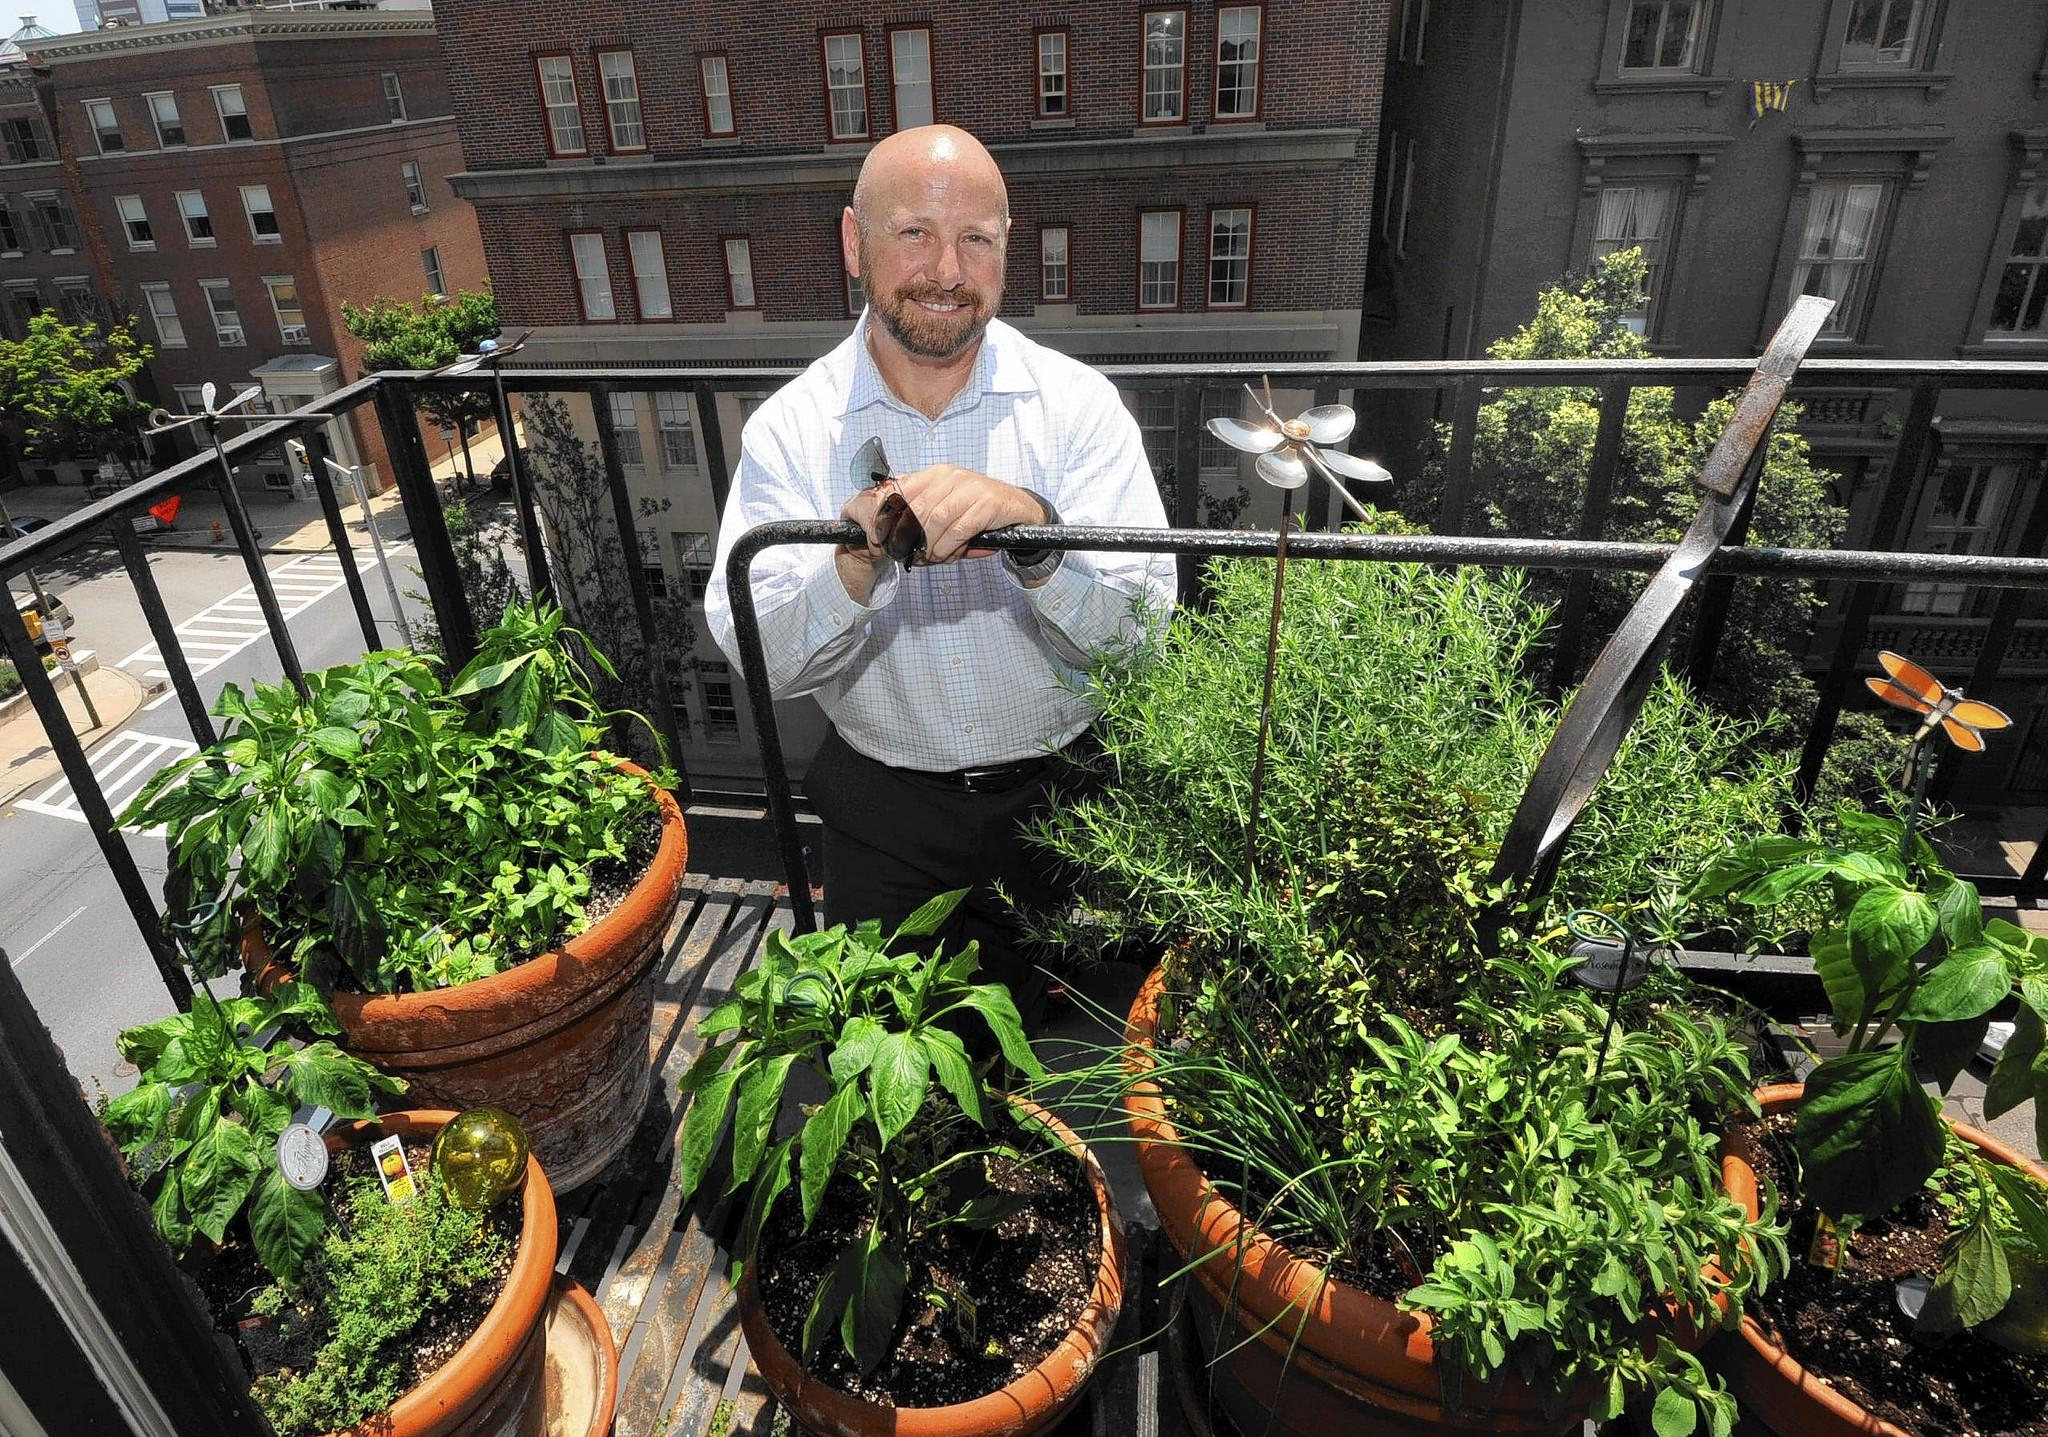 Baltimore Urban Gardening Safety Tips Tribunedigital